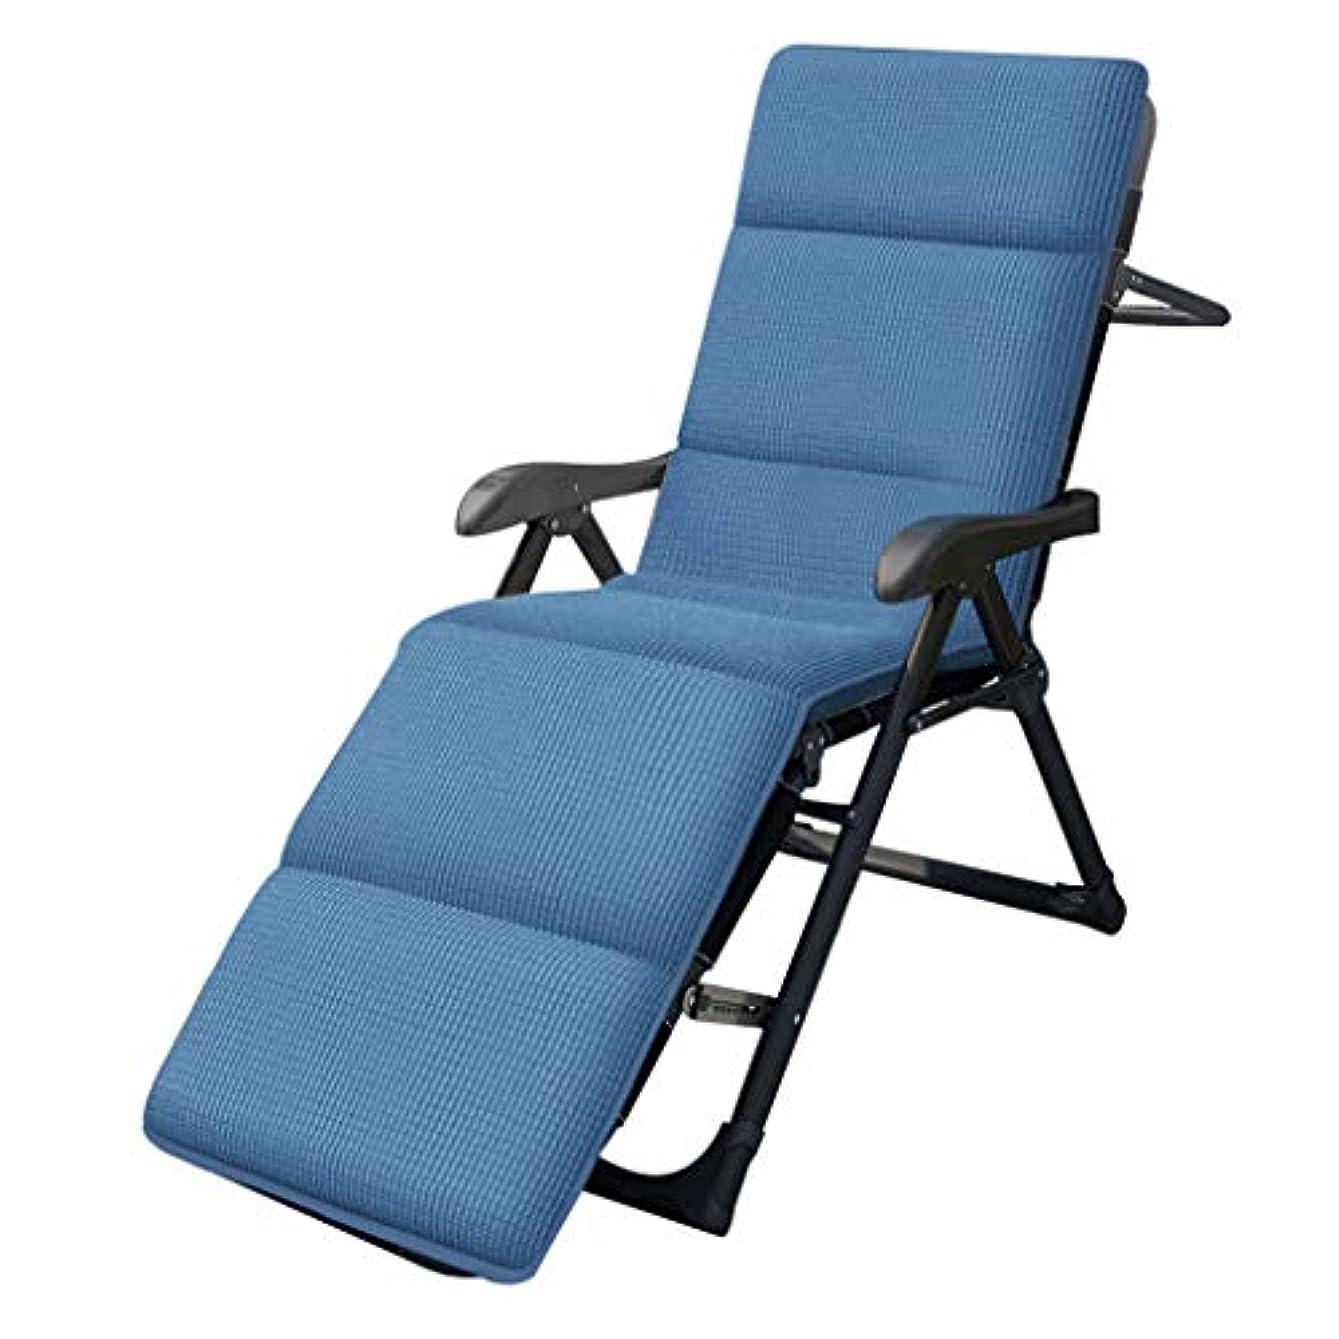 従順仮定する繊維屋外のラウンジチェア折りたたみ式の昼休み用チェアホームチェアリクライニング式寝椅子オフィスベッド怠惰な背もたれ用チェアすべての季節に適した200kgに耐えることができます (Color : Blue, Size : 184*54*42cm)